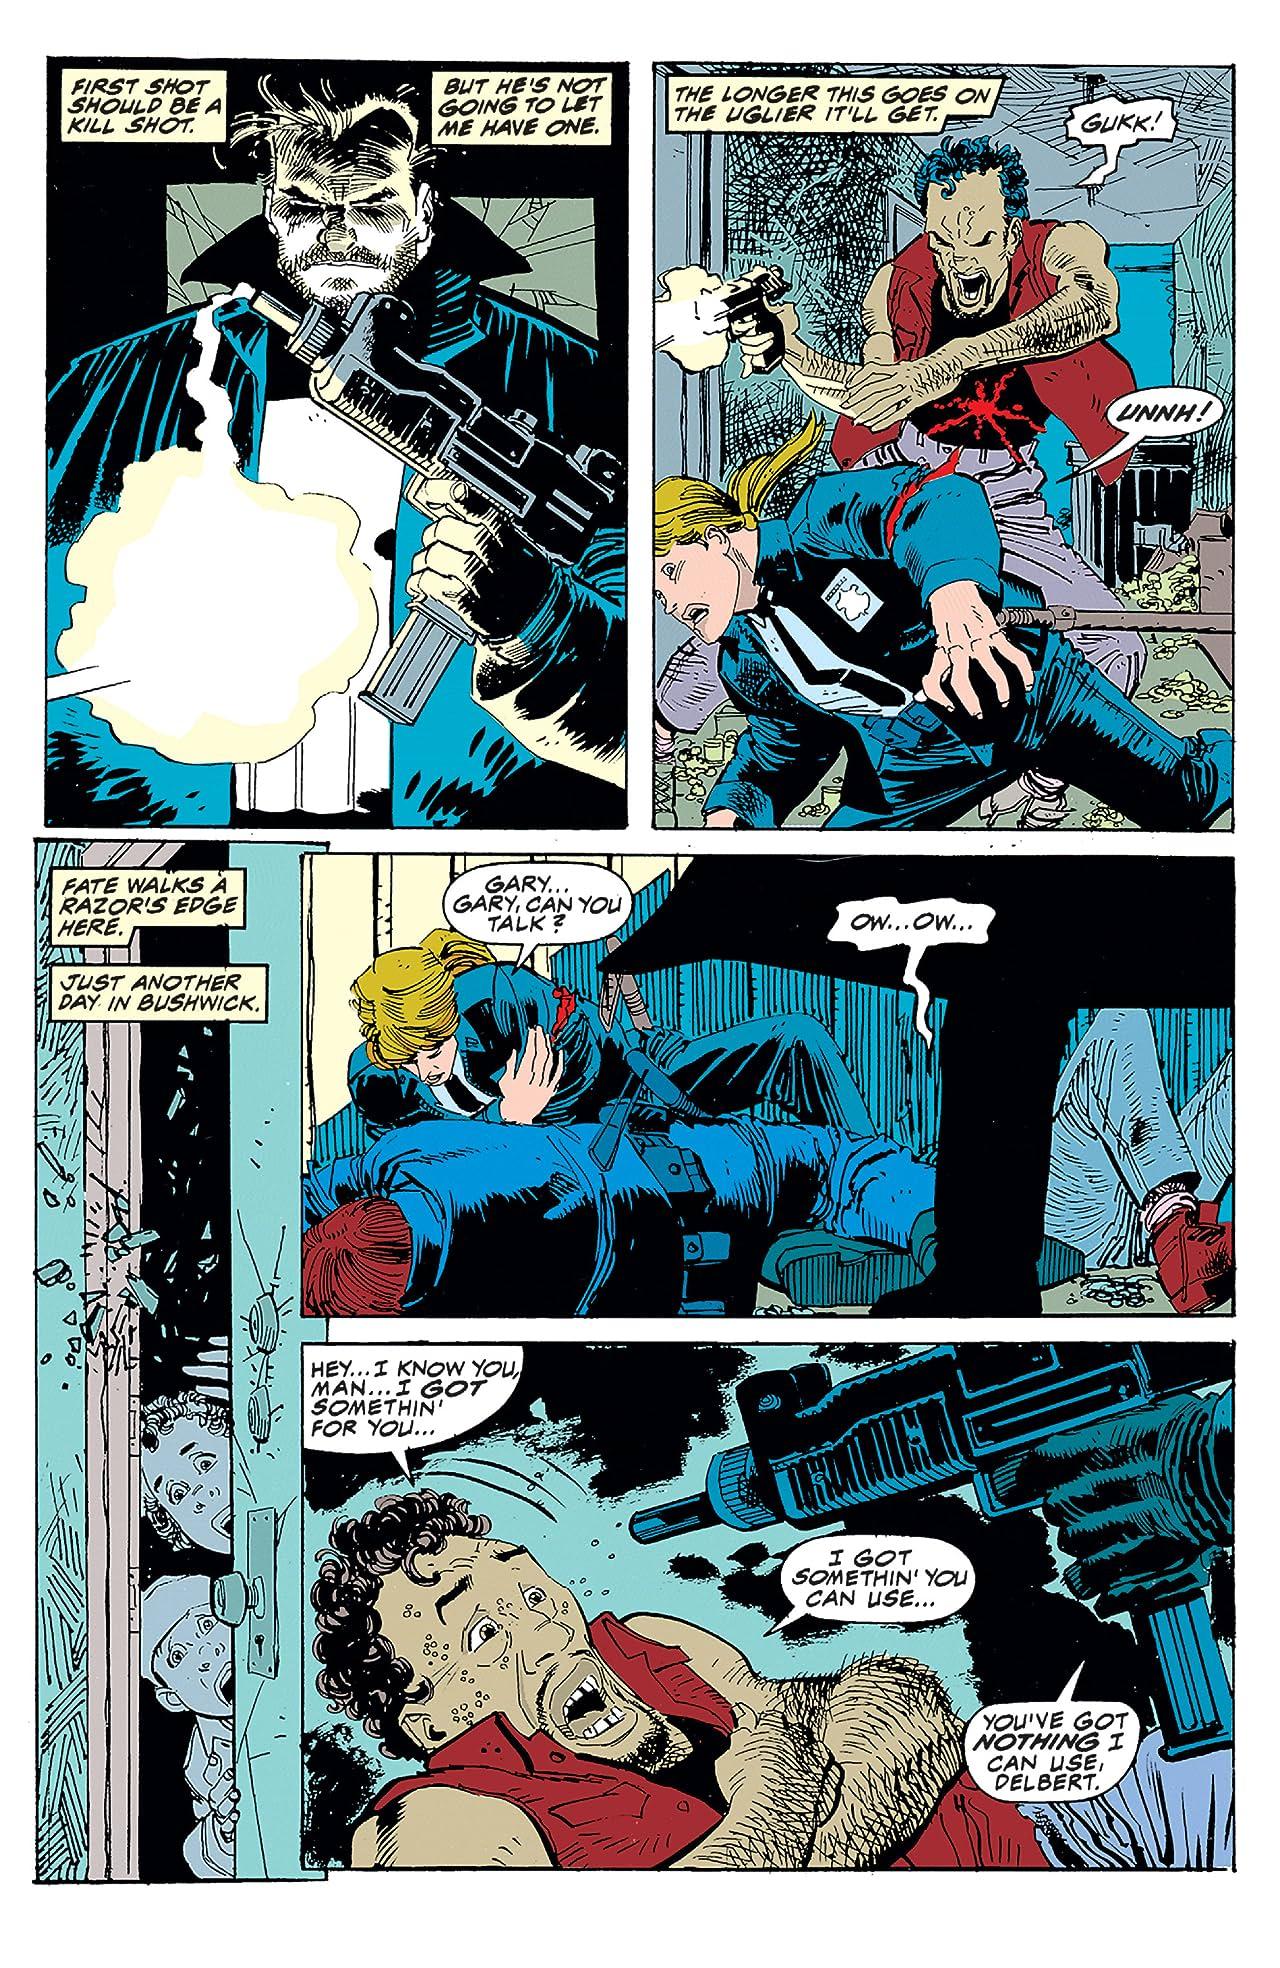 The Punisher: War Zone (1992-1995) #1